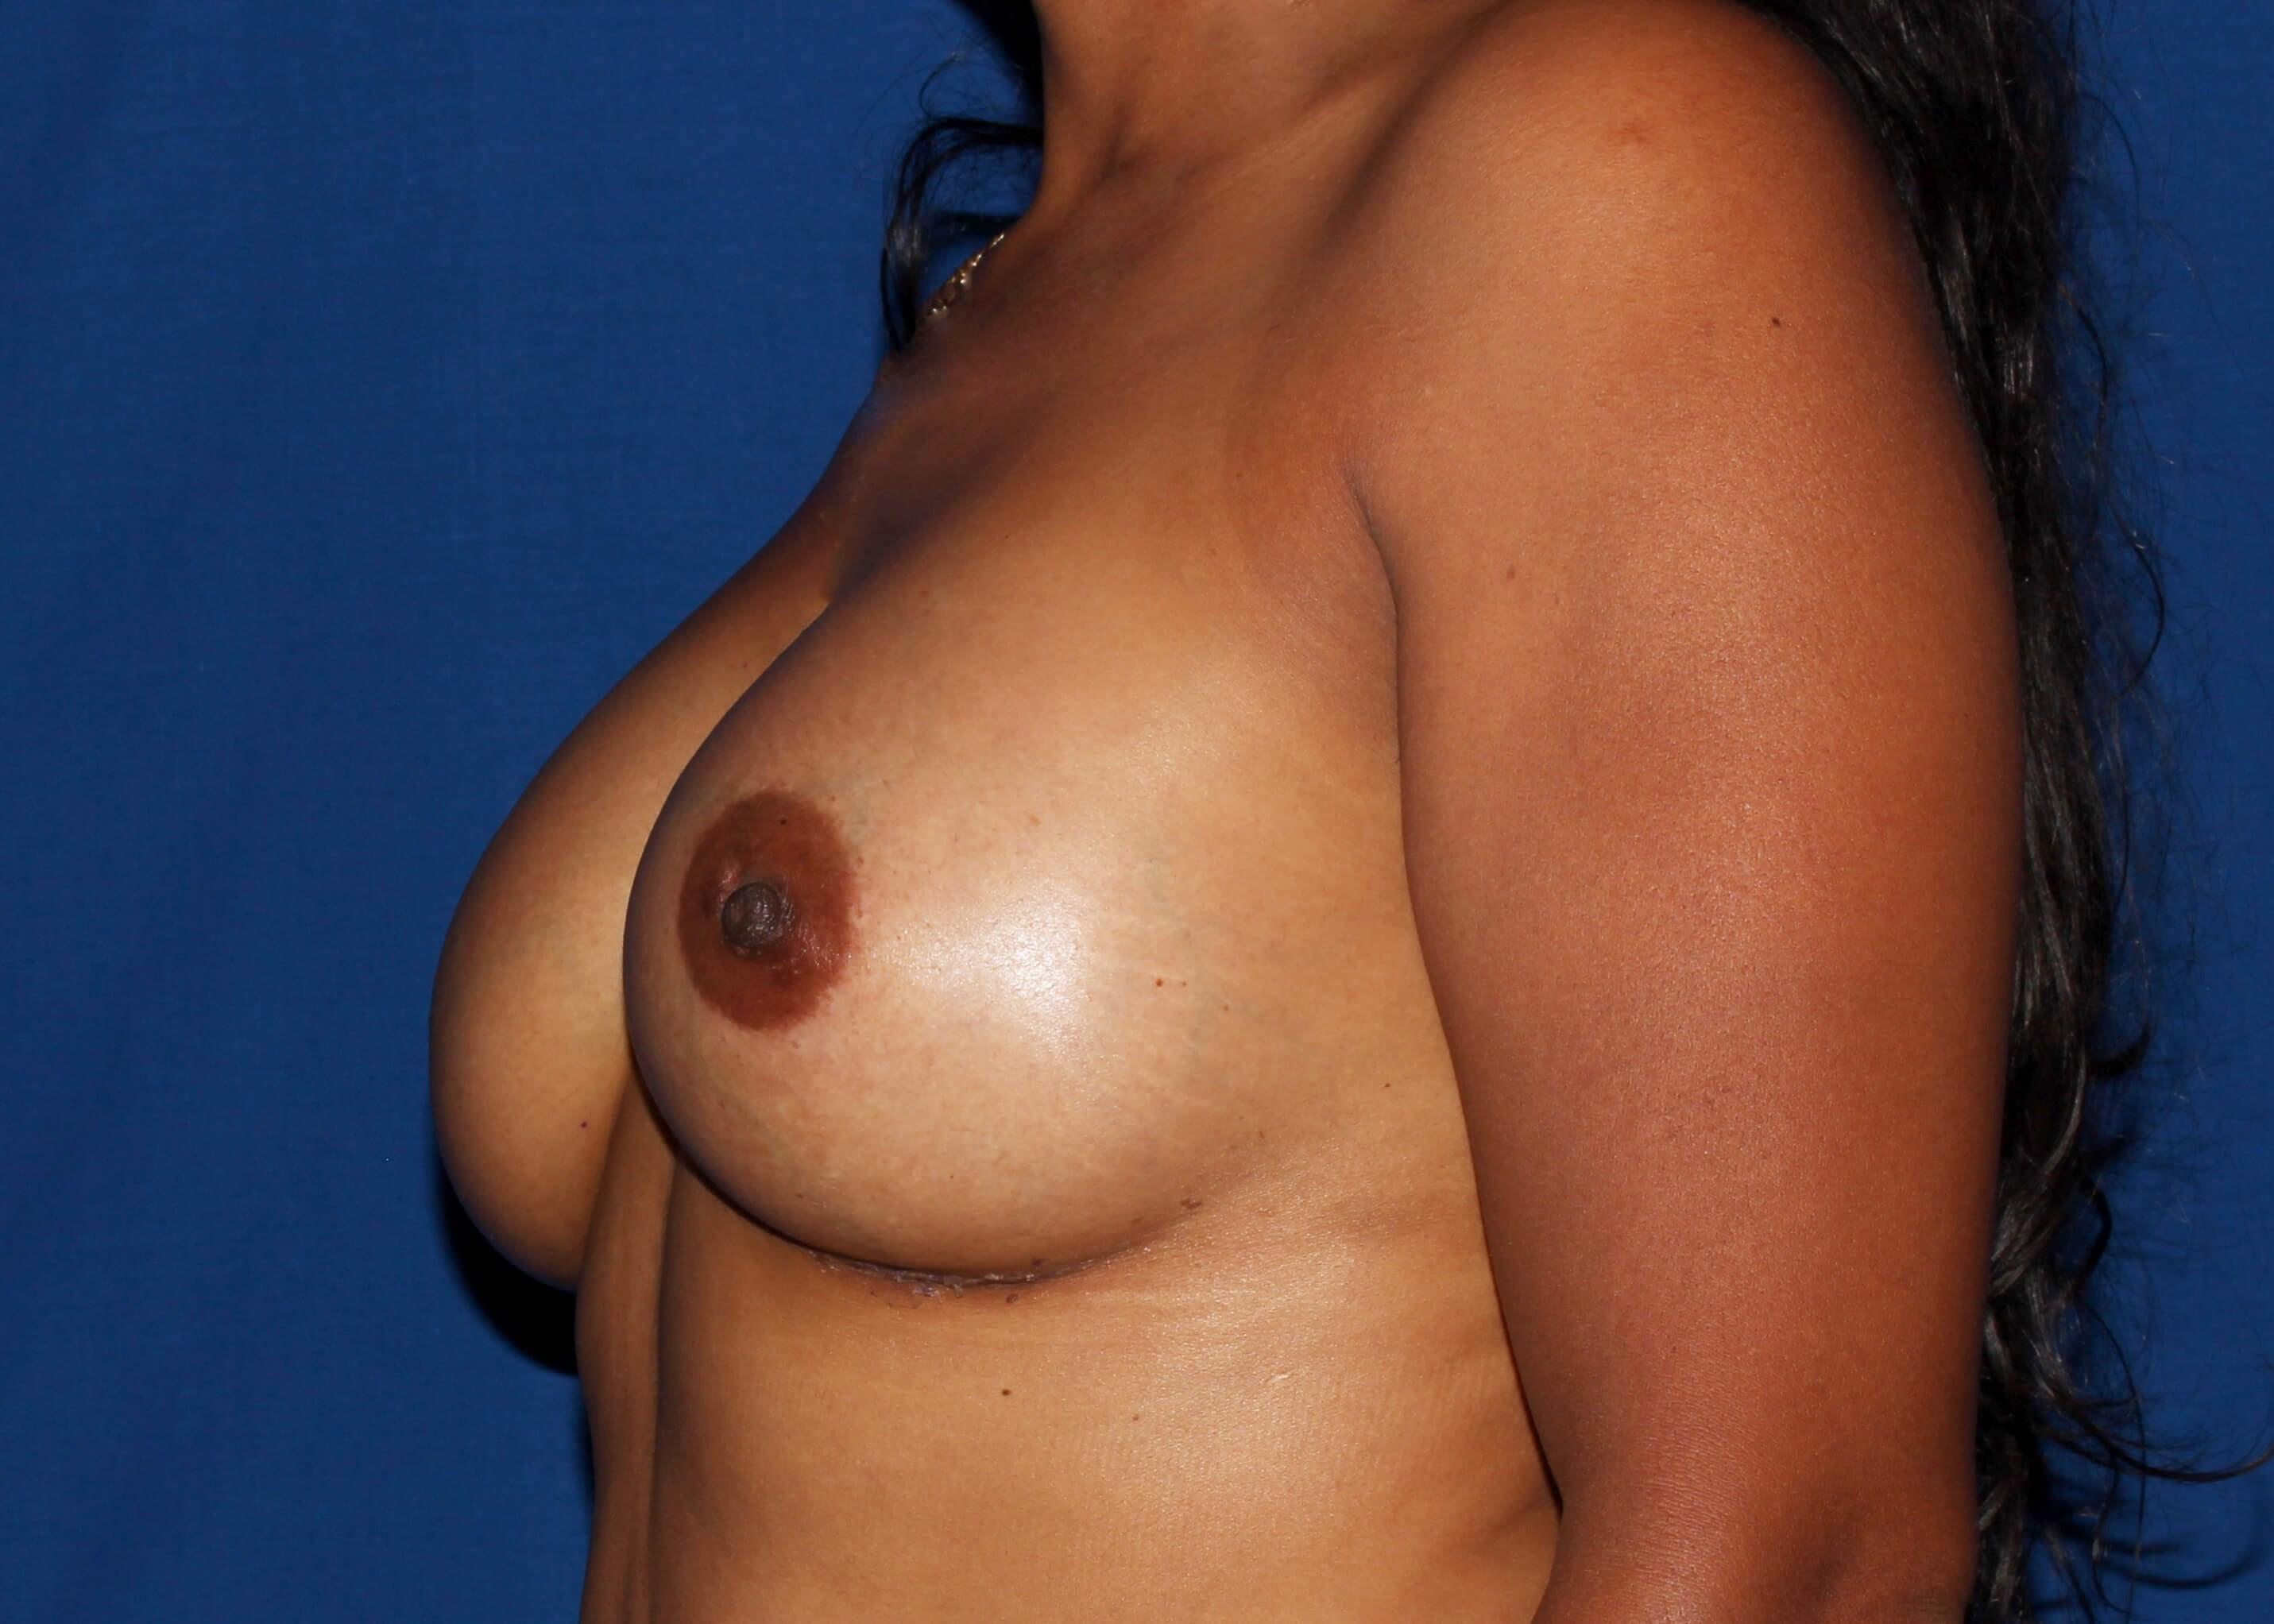 Breast Augmentation After Left Oblique View - Left Oblique View